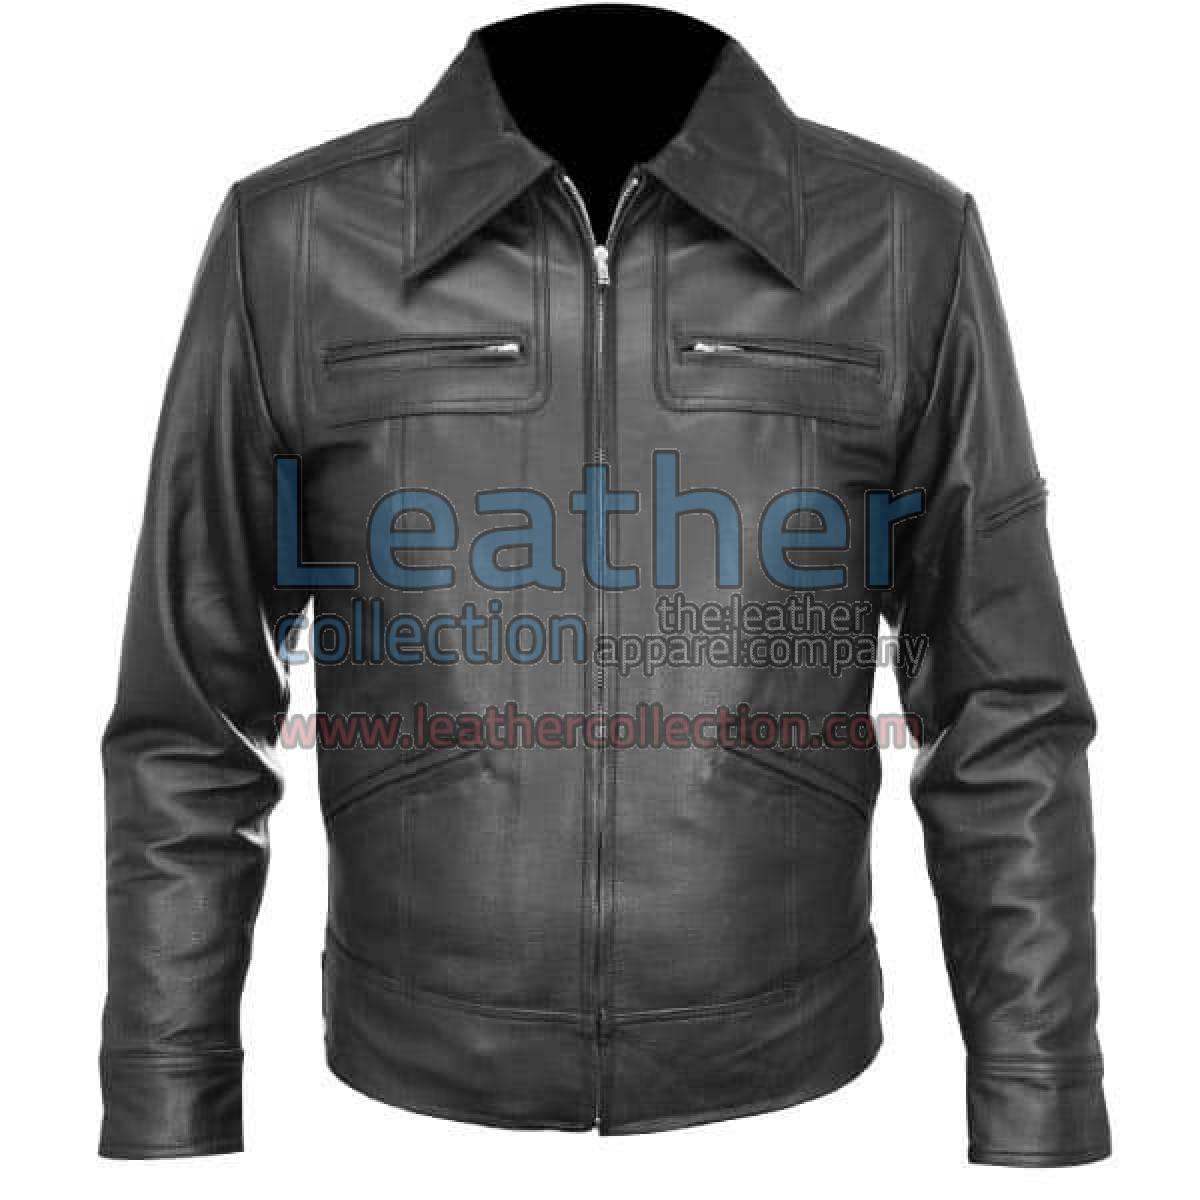 Classic Shirt Style Leather Jacket